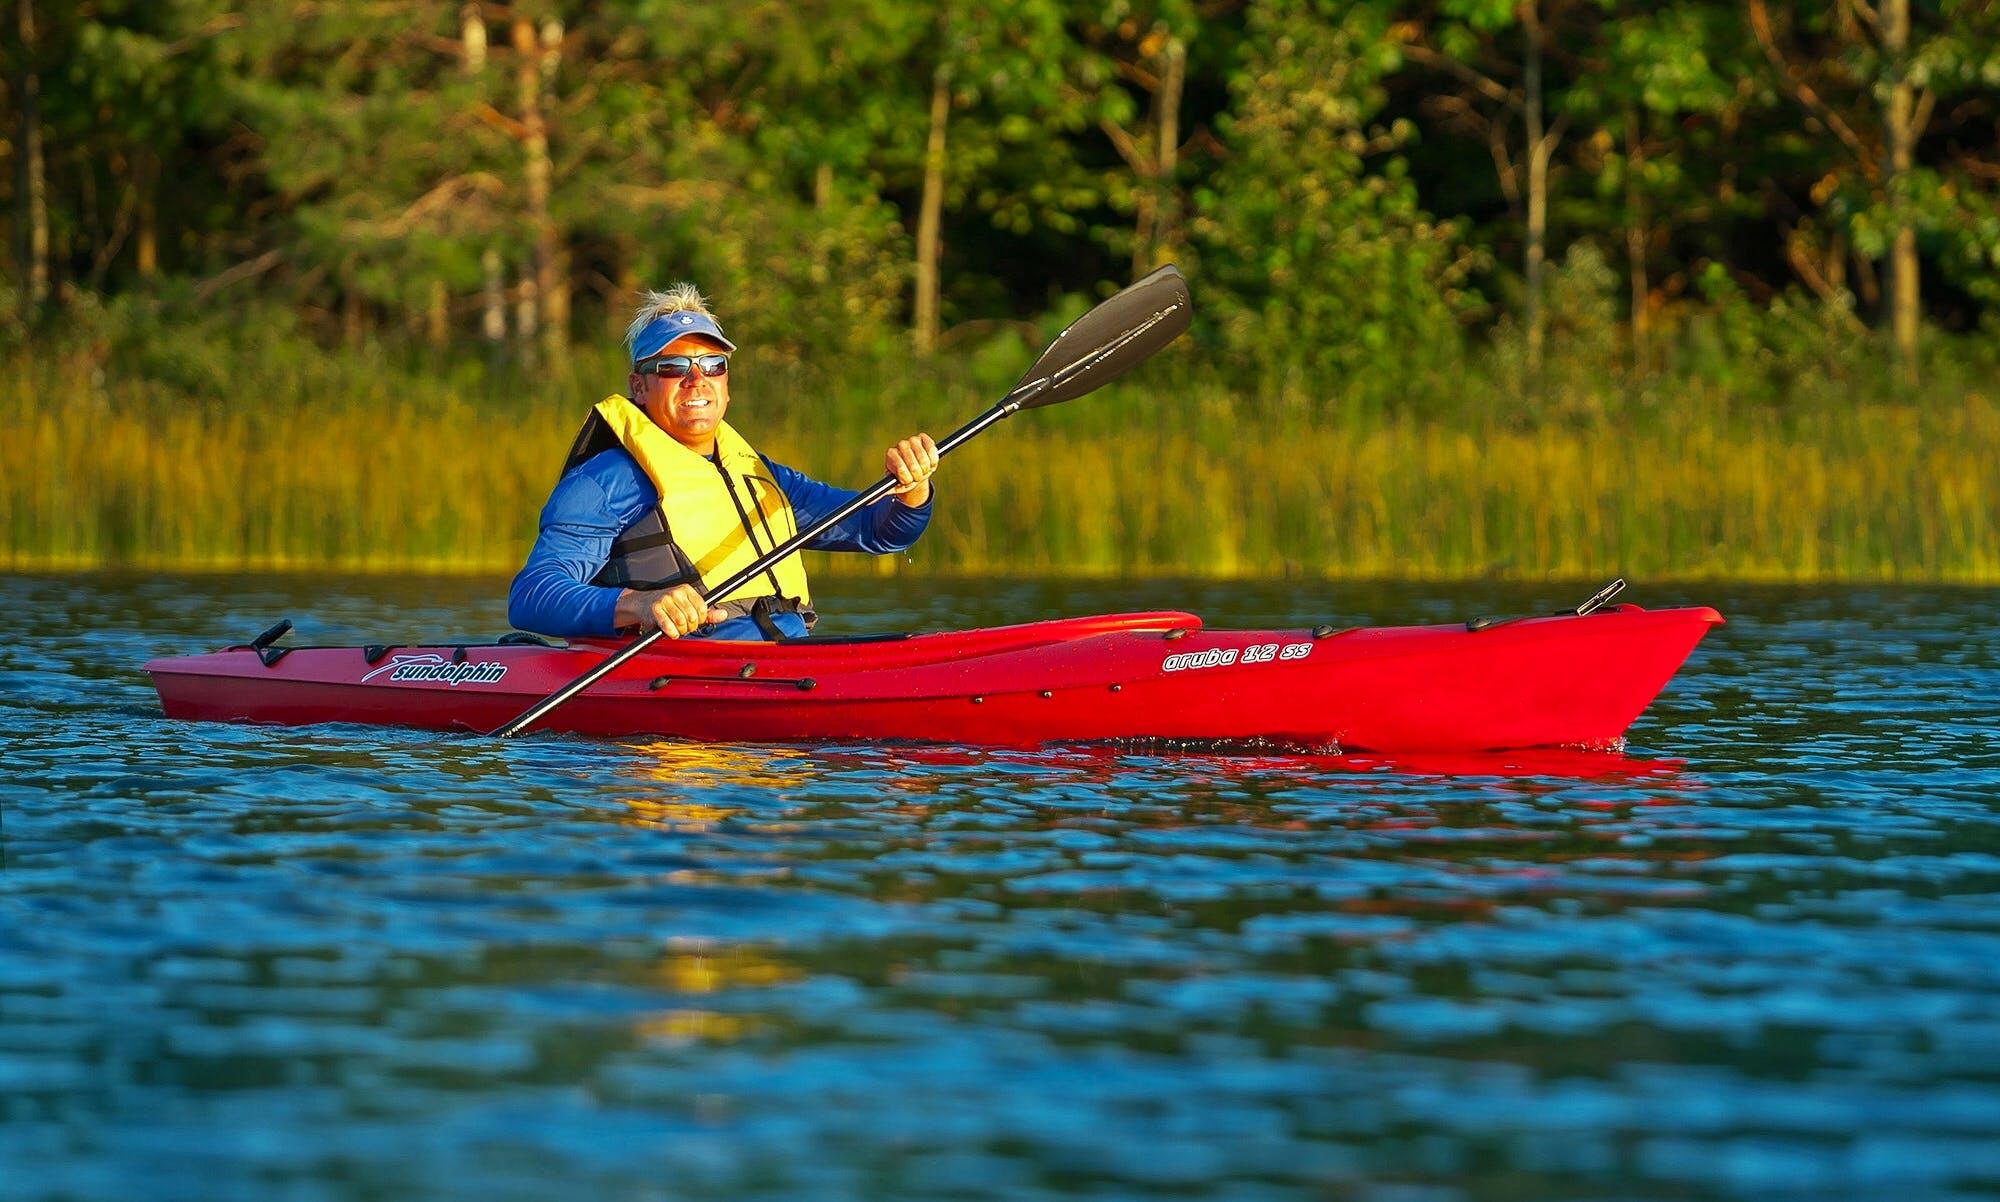 Aruba Kayak for rent in St. Paul